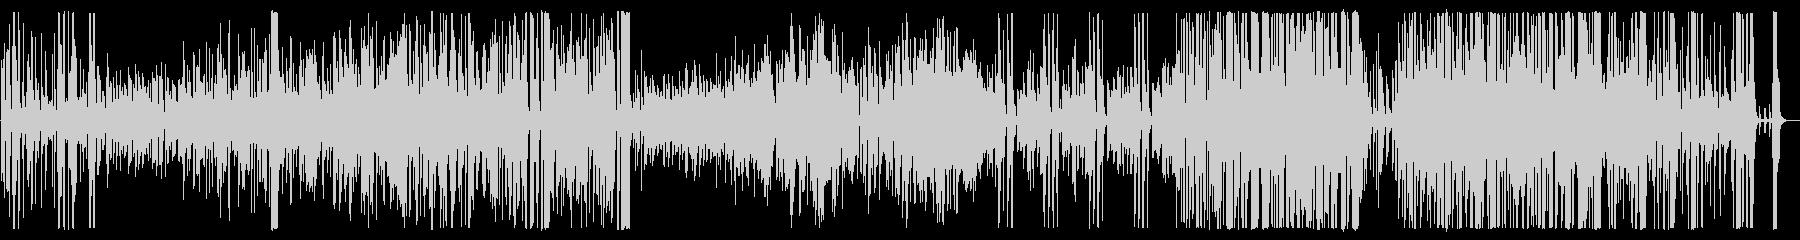 ミドルテンポの明るいビッグバンド曲の未再生の波形